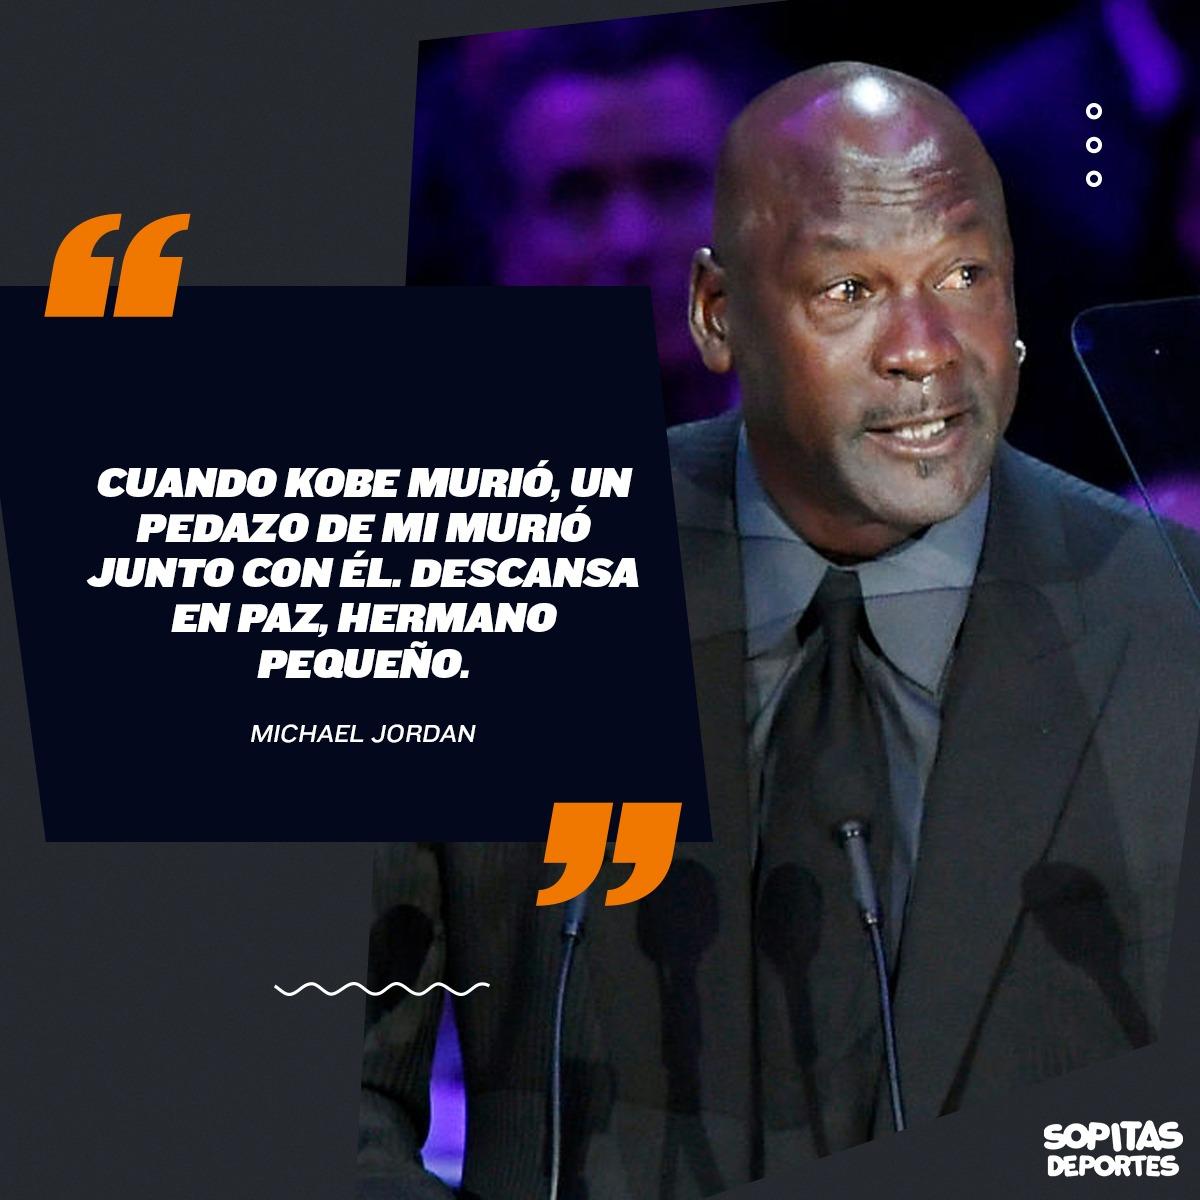 Acá te dejamos el discurso completo de Michael Jordan en el memorial a Kobe Bryant